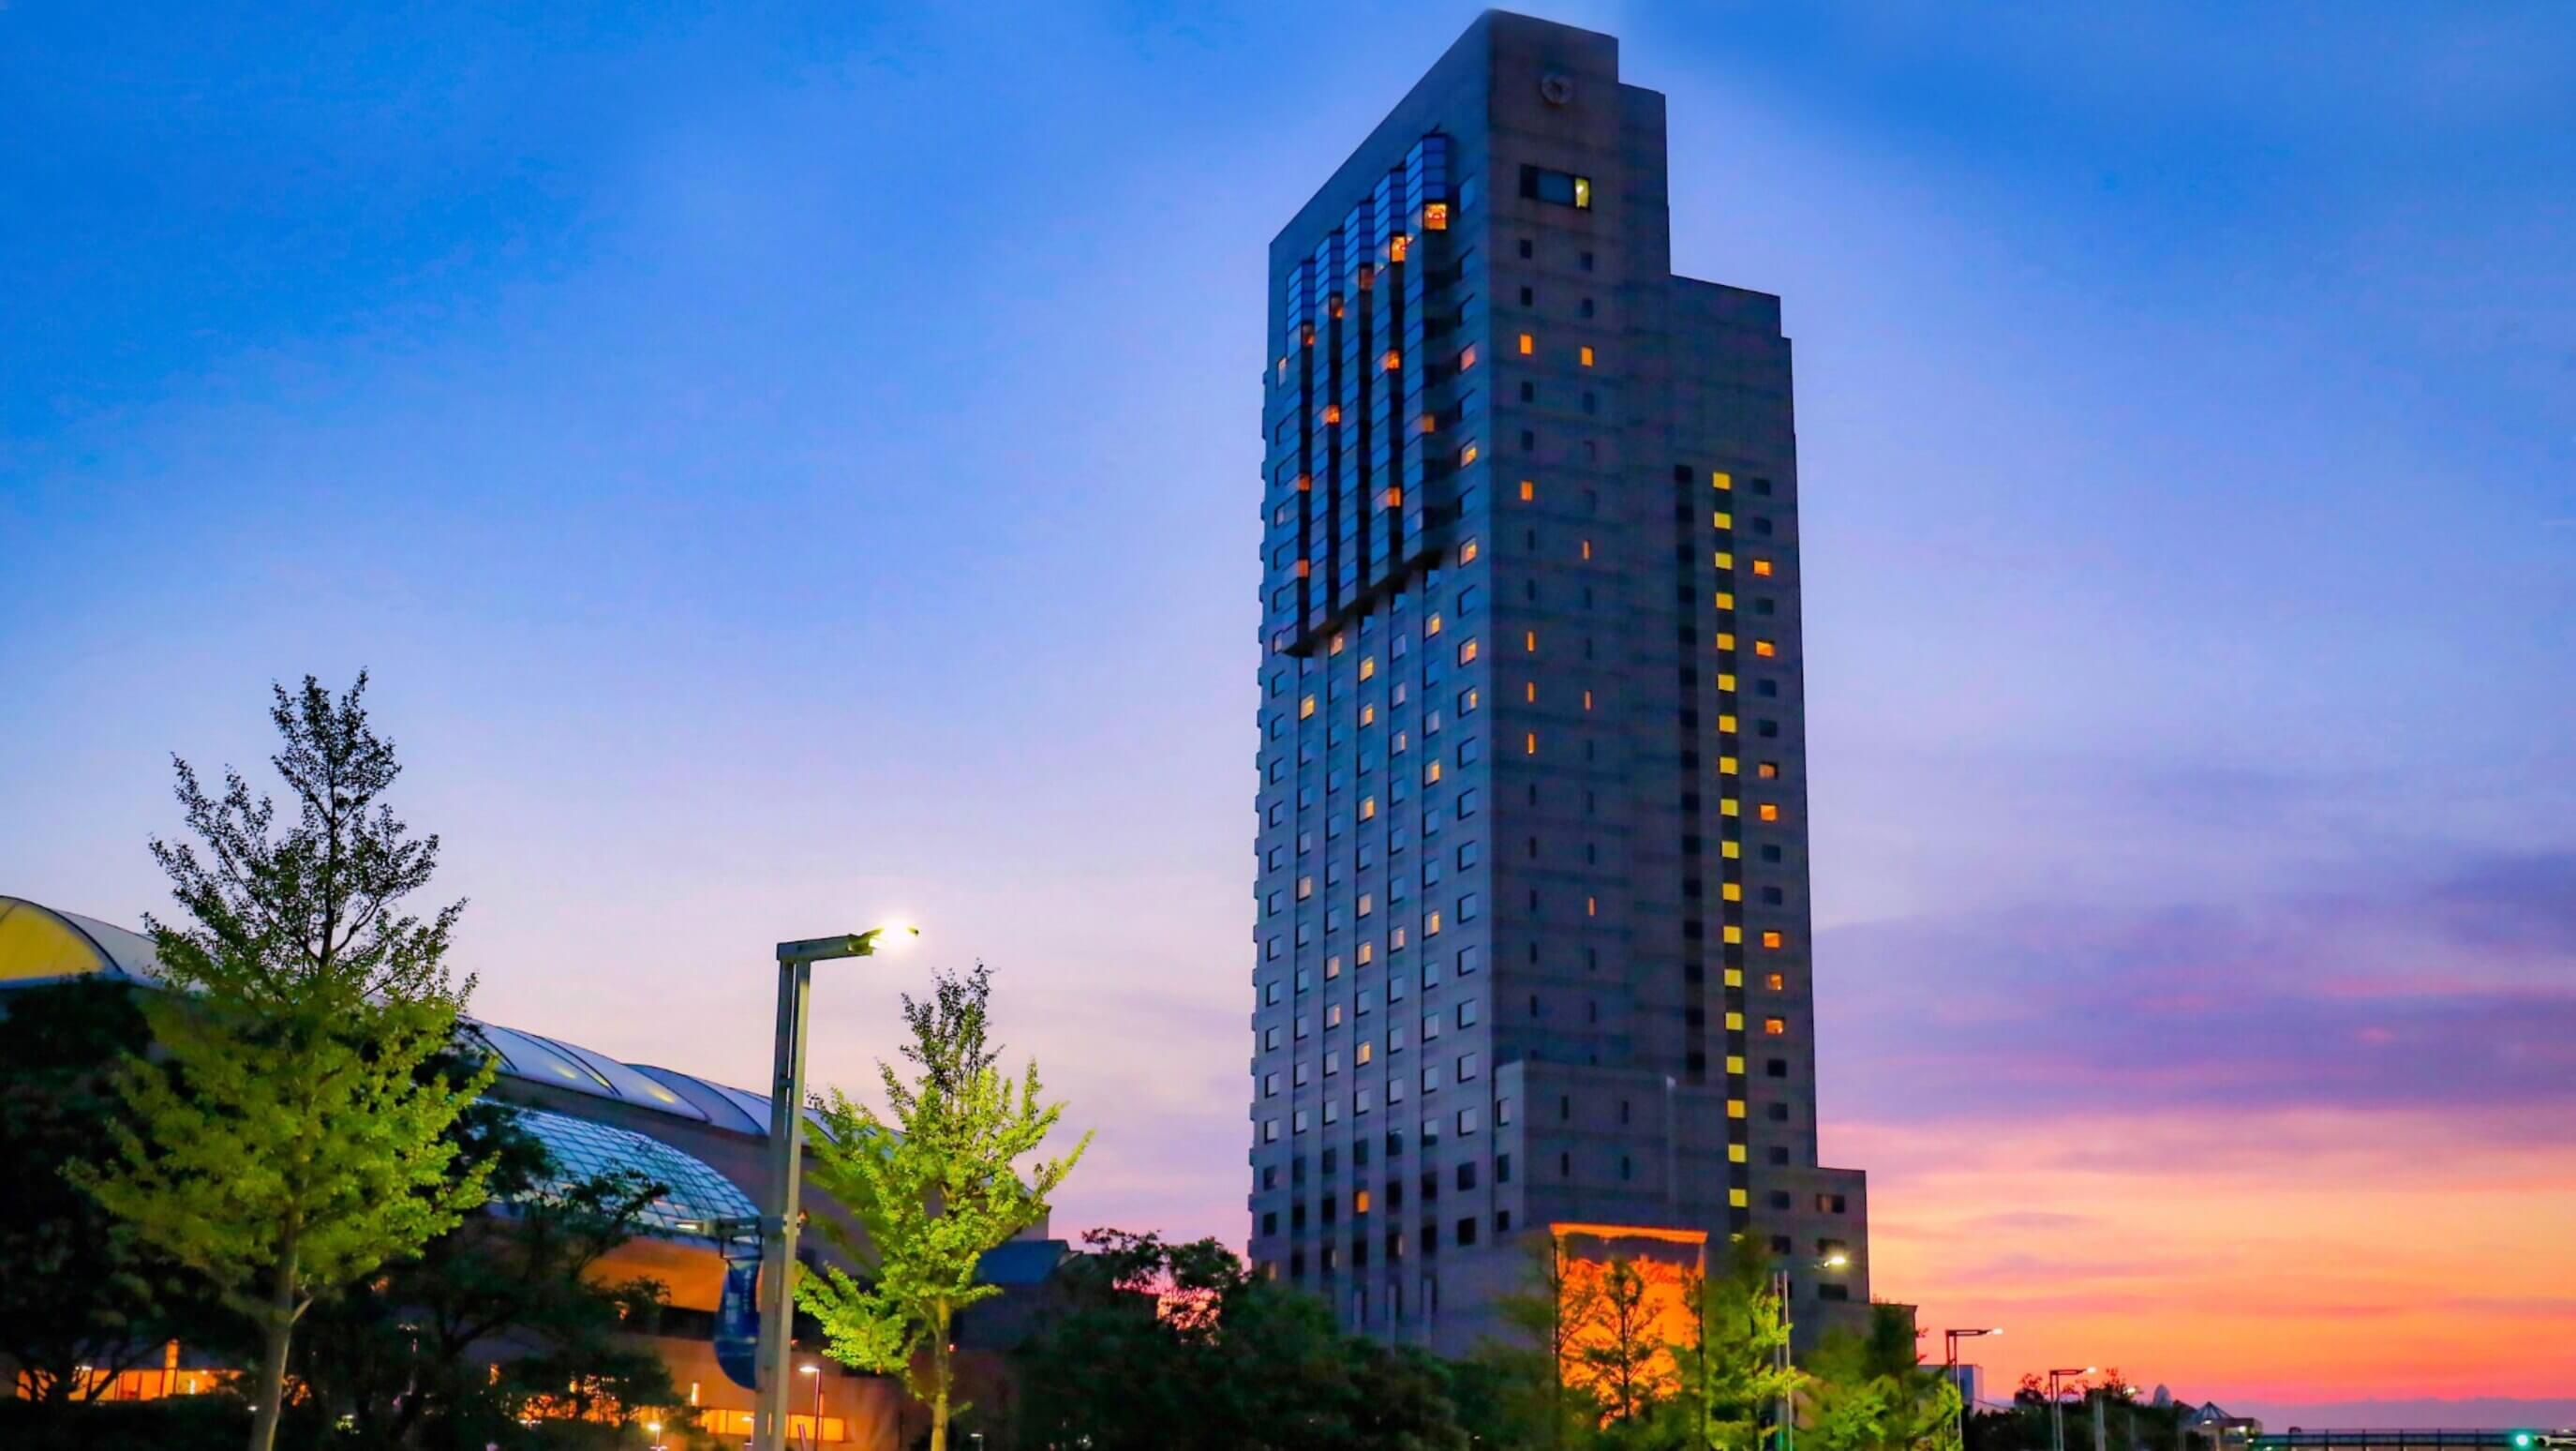 【2021秋】人気ホテルのハロウィンプラン8選【関東】コロナ禍でも安心!ホカンスも!